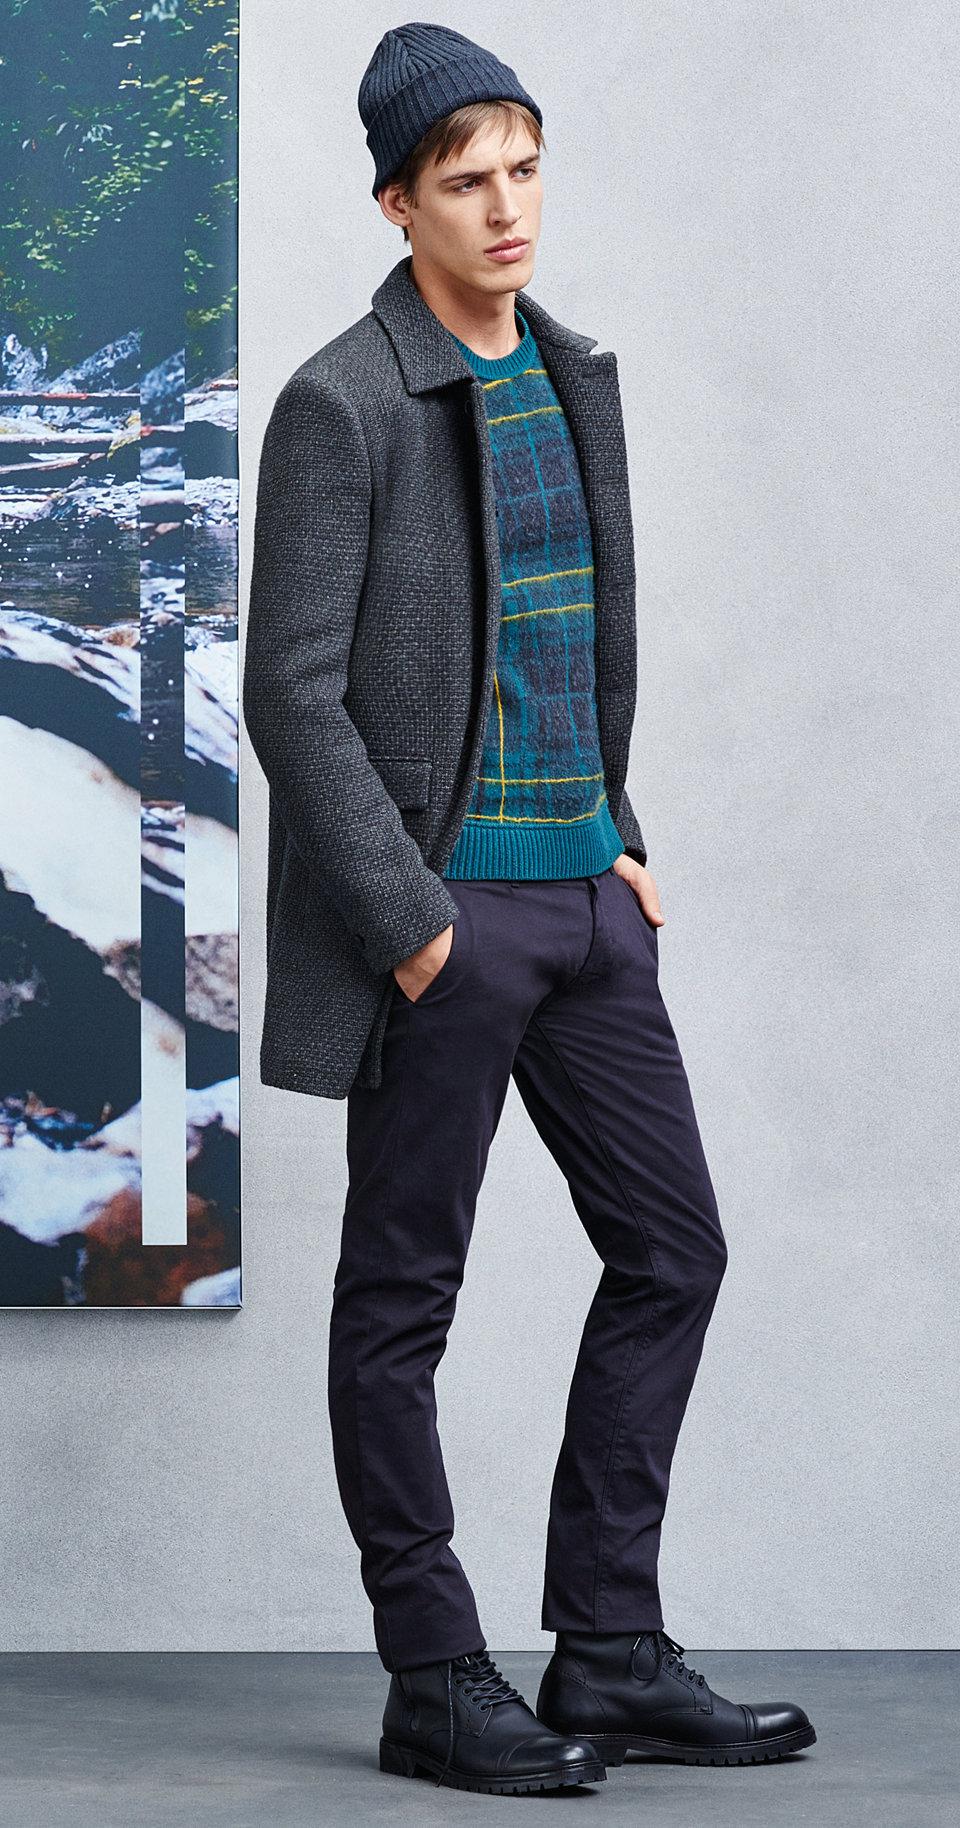 Blaue Mütze, graue Jacke, Pullover, schwarze Hose und schwarze Schuhe von BOSSOrange